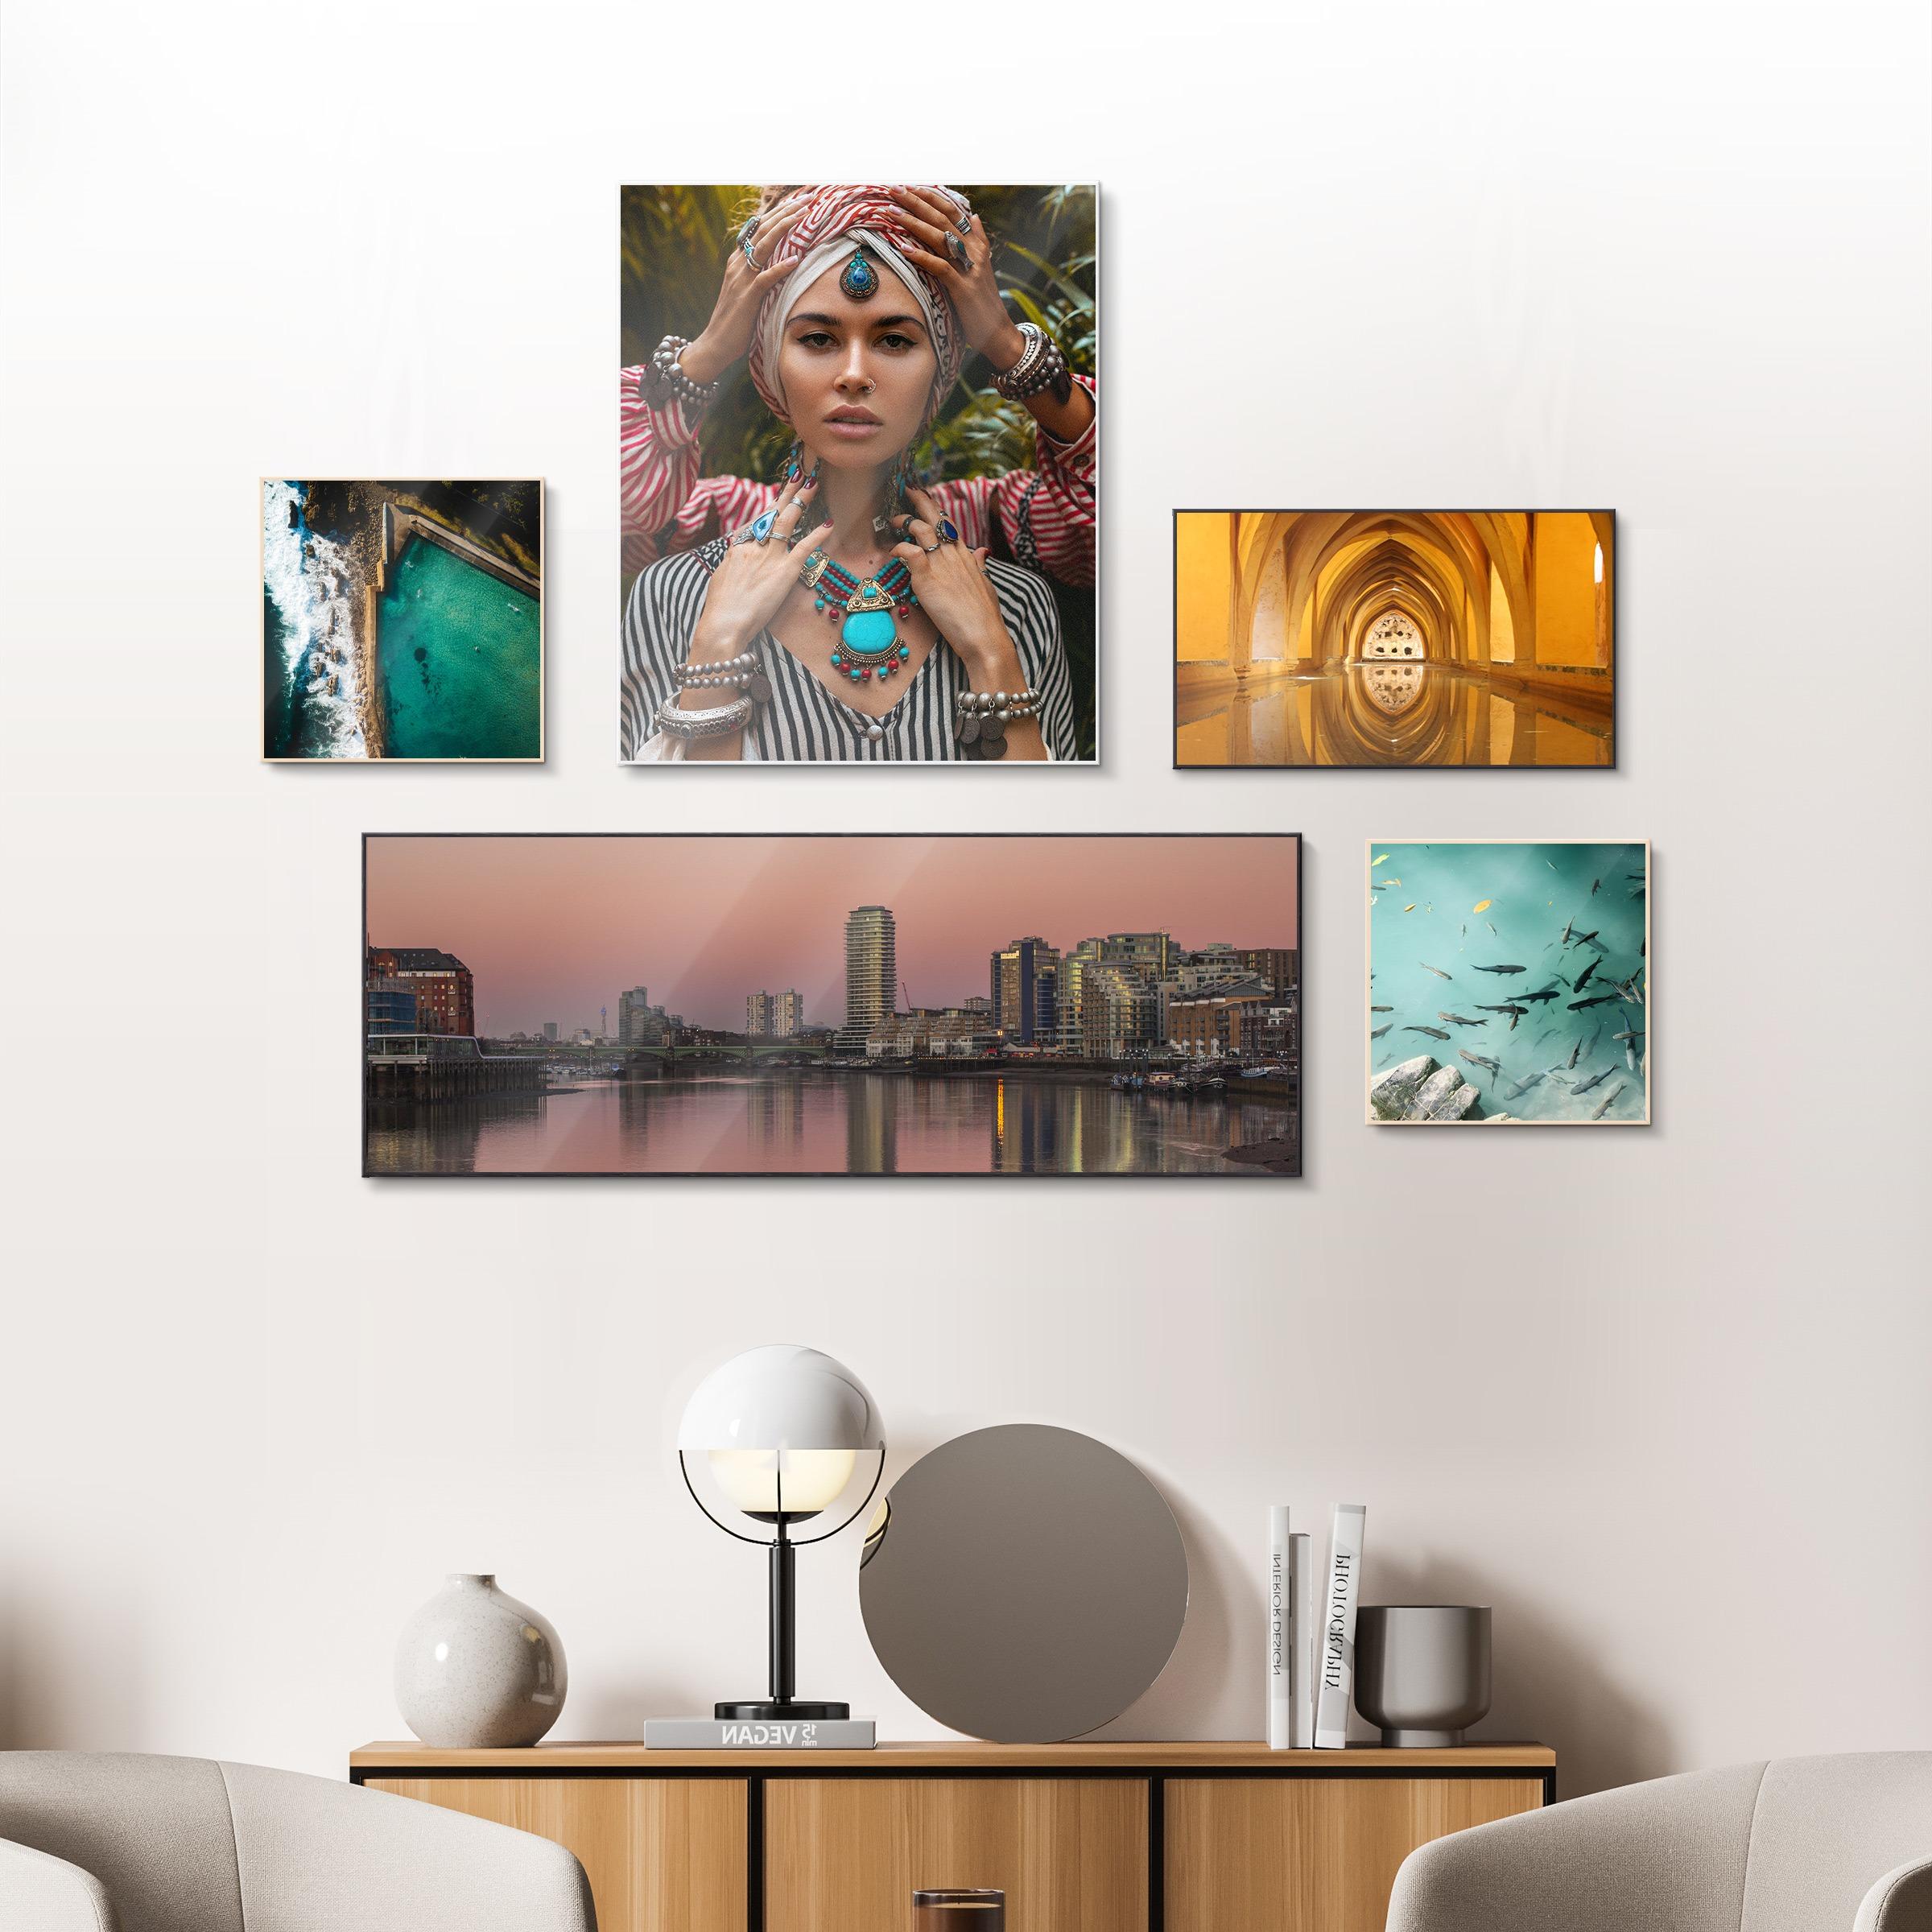 foto-im-schattenfugen-rahmen-portrait-inspiration-1200x1200.jpg